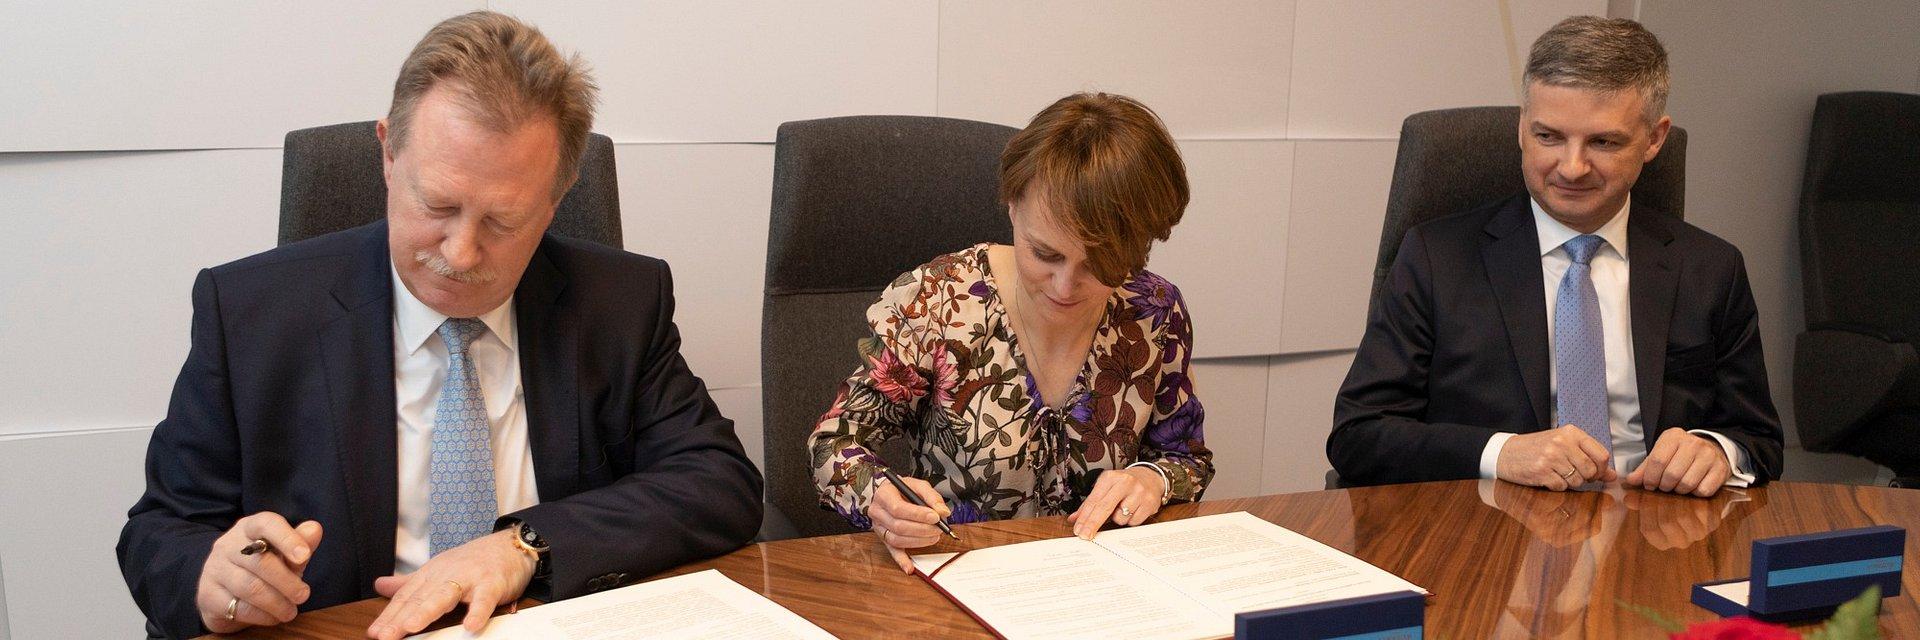 Ministerstwo Przedsiębiorczości i Technologii - umowa o strategicznej współpracy z Roche